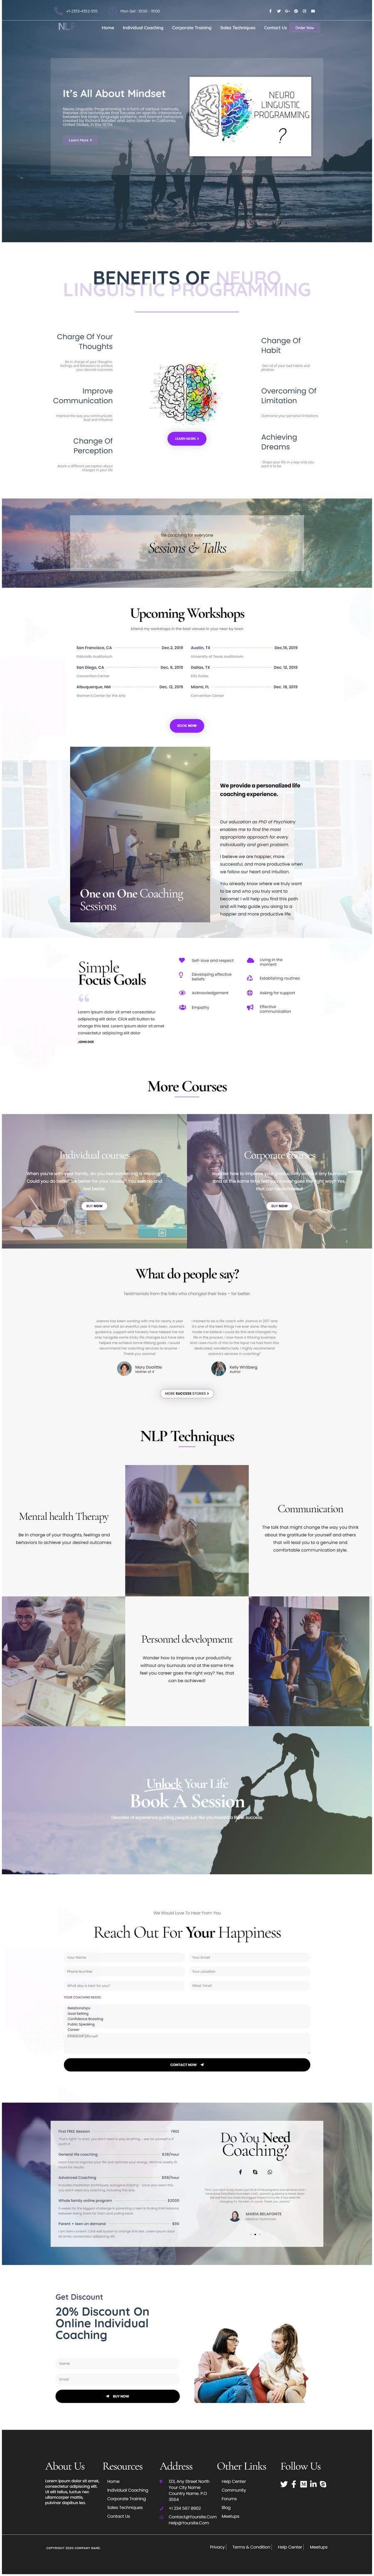 Penyertaan Peraduan #                                        27                                      untuk                                         design and build life coaching website